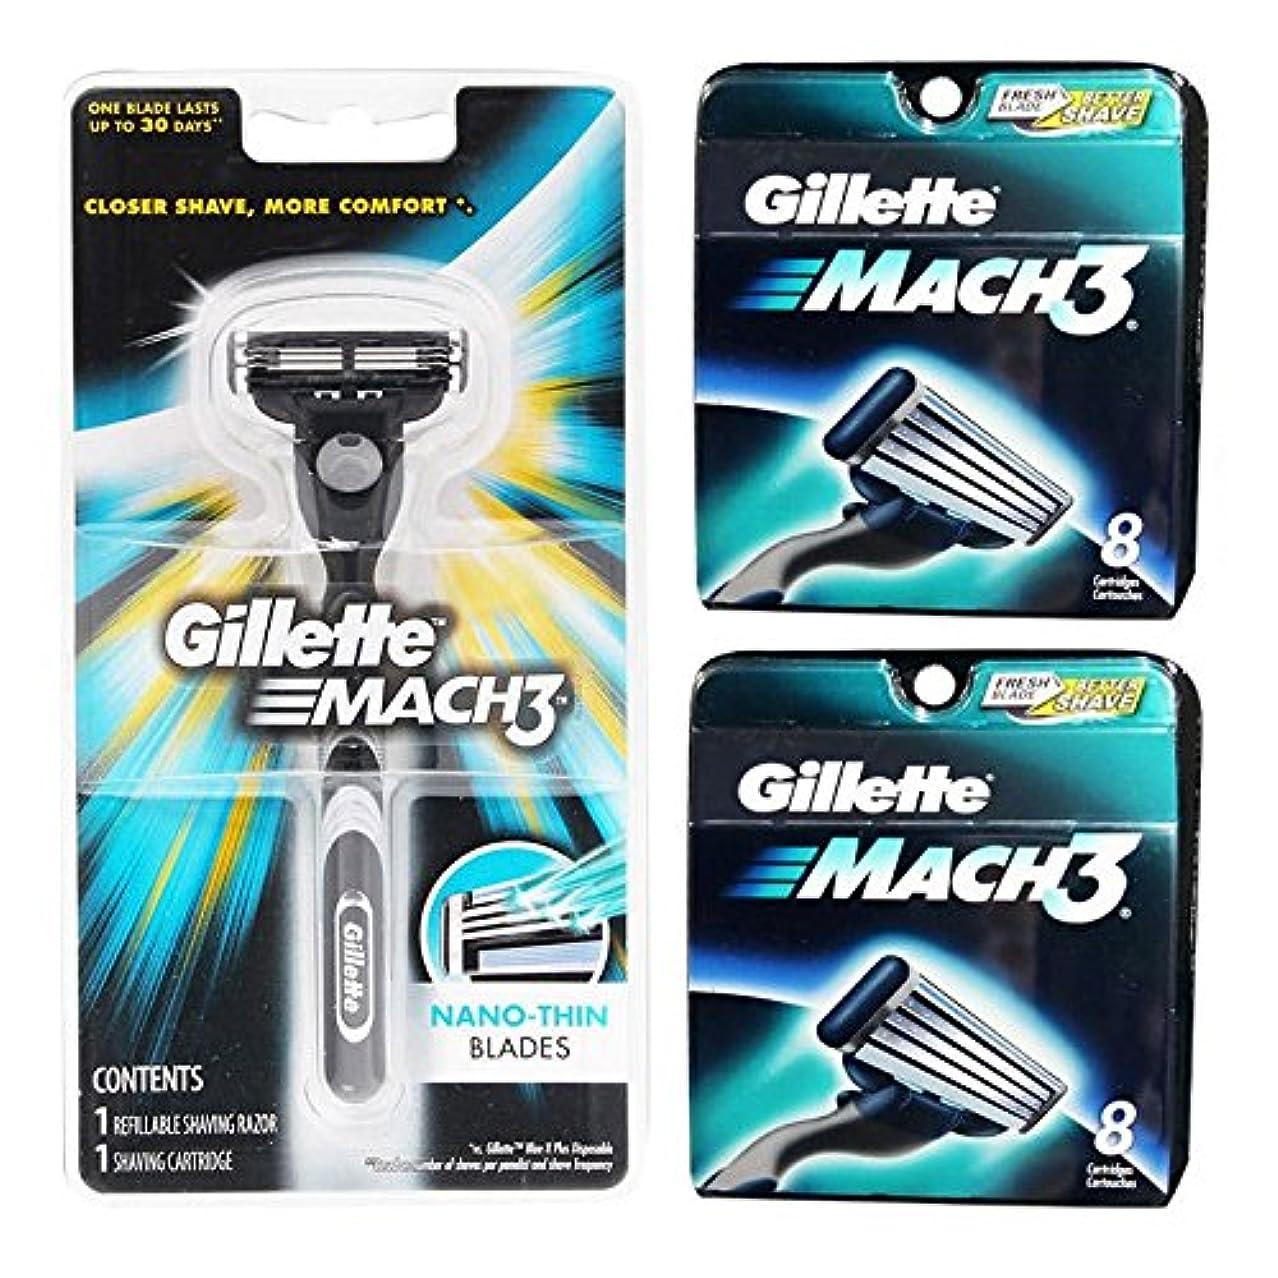 昨日針庭園Gillette MACH3 1 Razor + 16 Cartridges Refills Blade ダイヤモンドのようなコートド [並行輸入品]